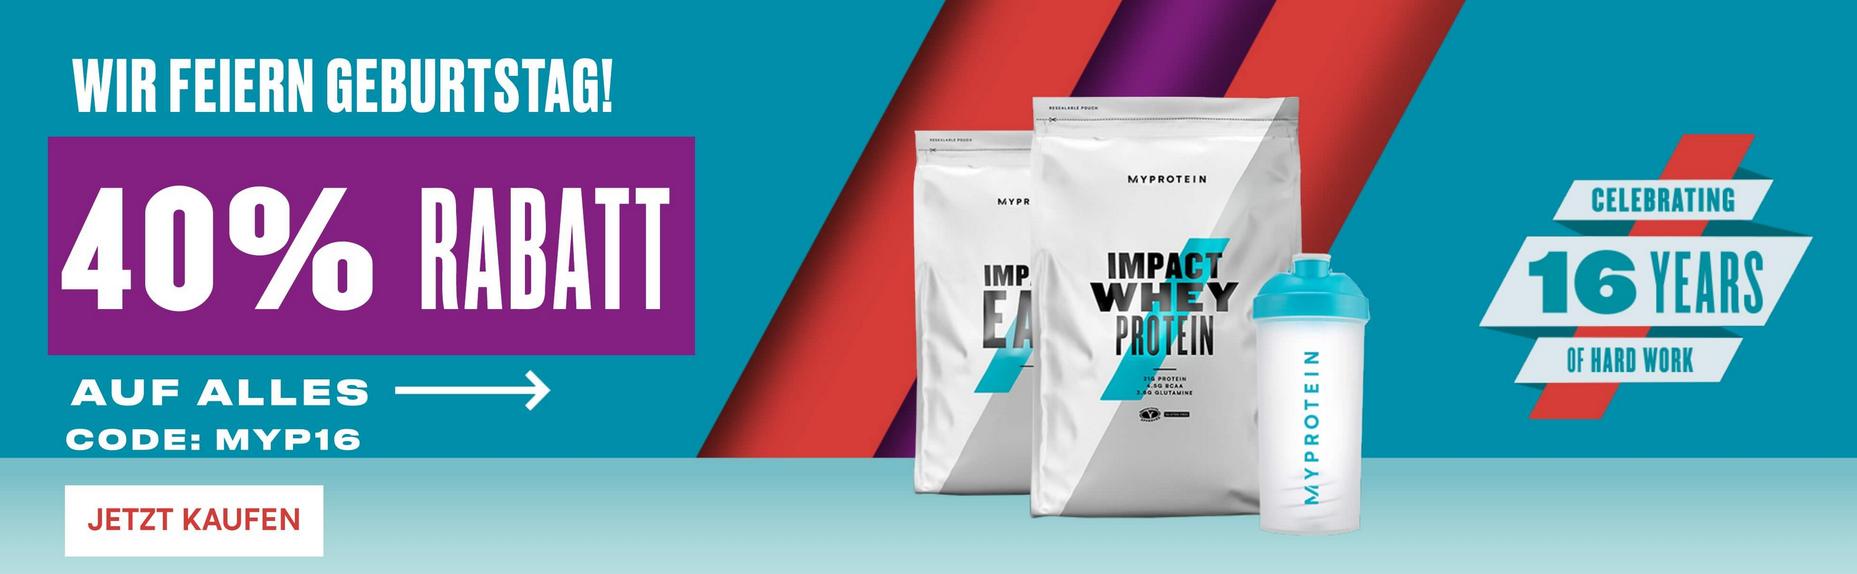 40% Rabatt bei myprotein auf alles